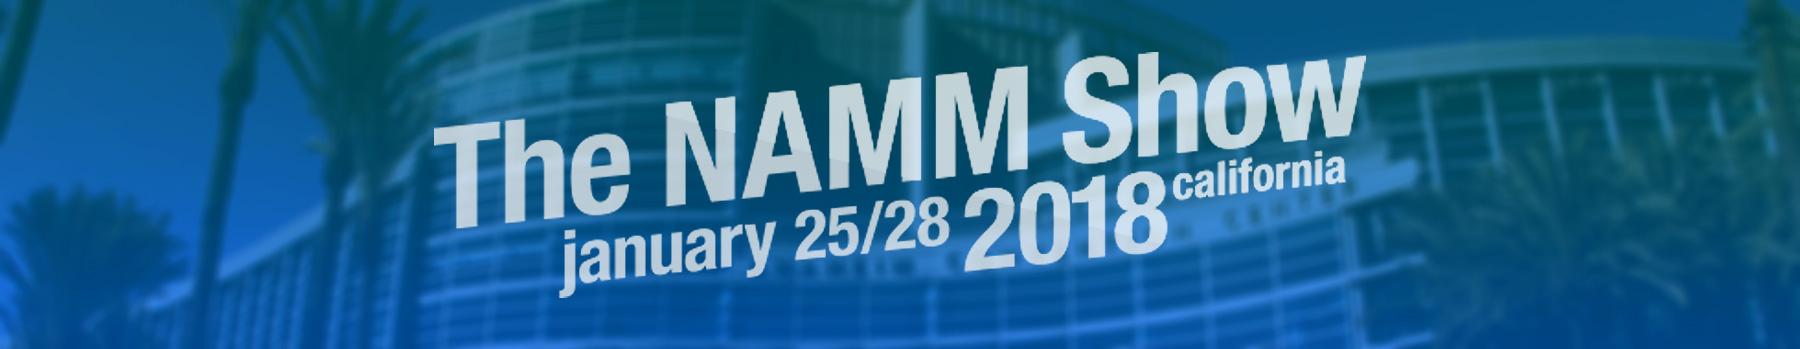 namm show 2018 headerbild und logo